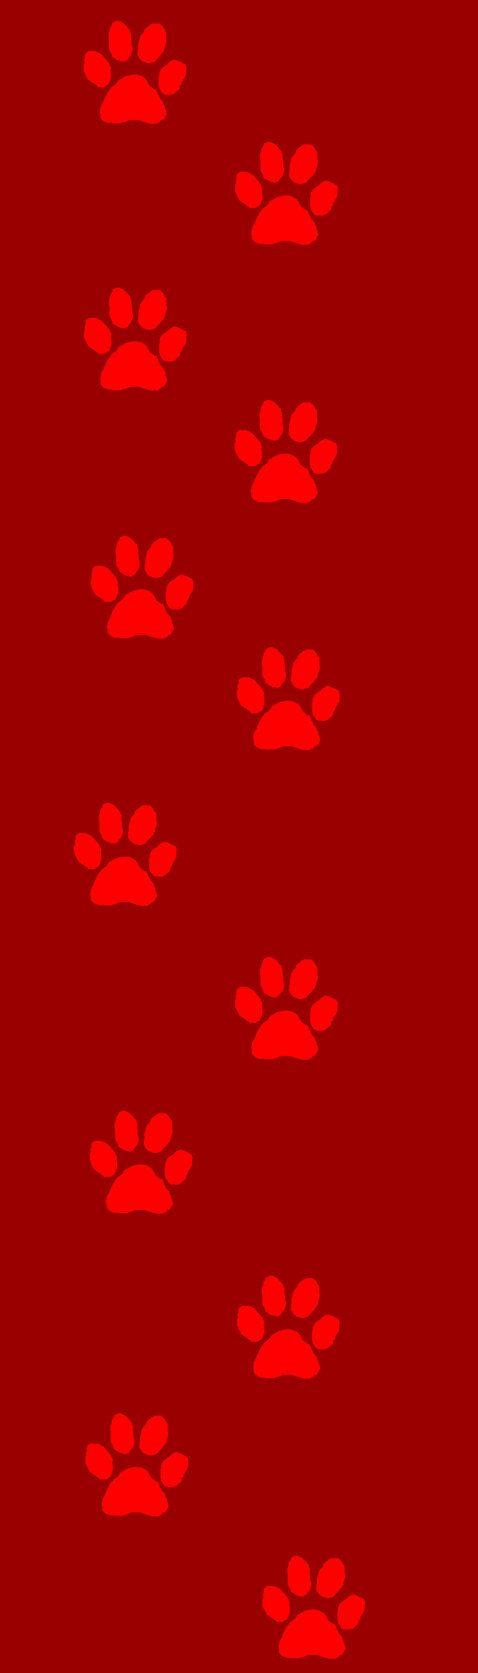 25 best ideas about dog wallpaper print on pinterest - Dog print wallpaper ...